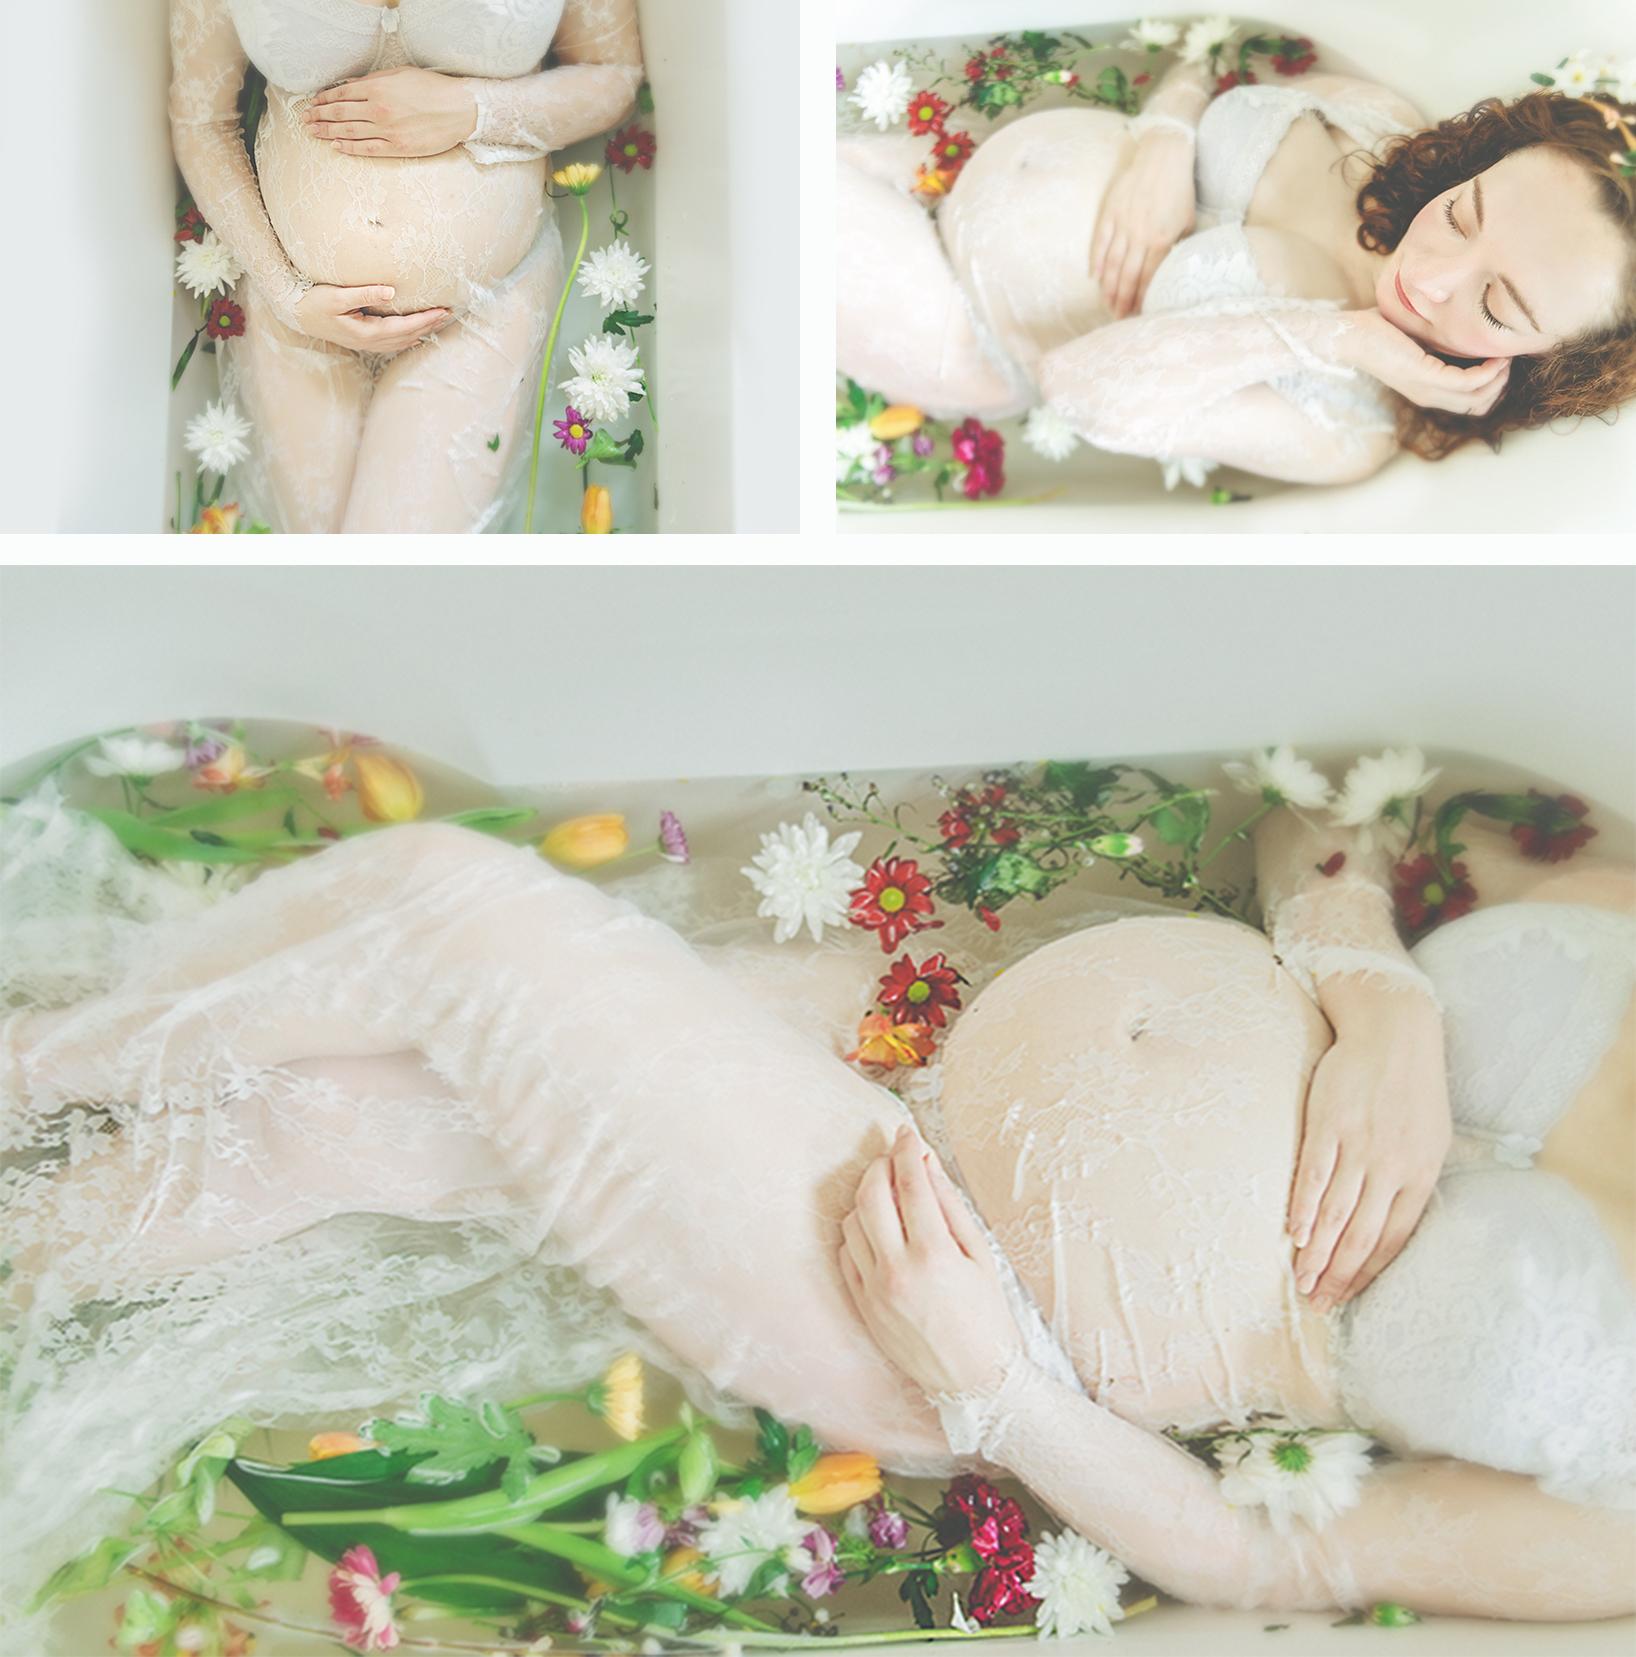 seance-photo-de-grossesse-dans-une-baignoire-femme-enceinte-photographe-sur-lille-dans-le-nord-one-moment-photographie-1